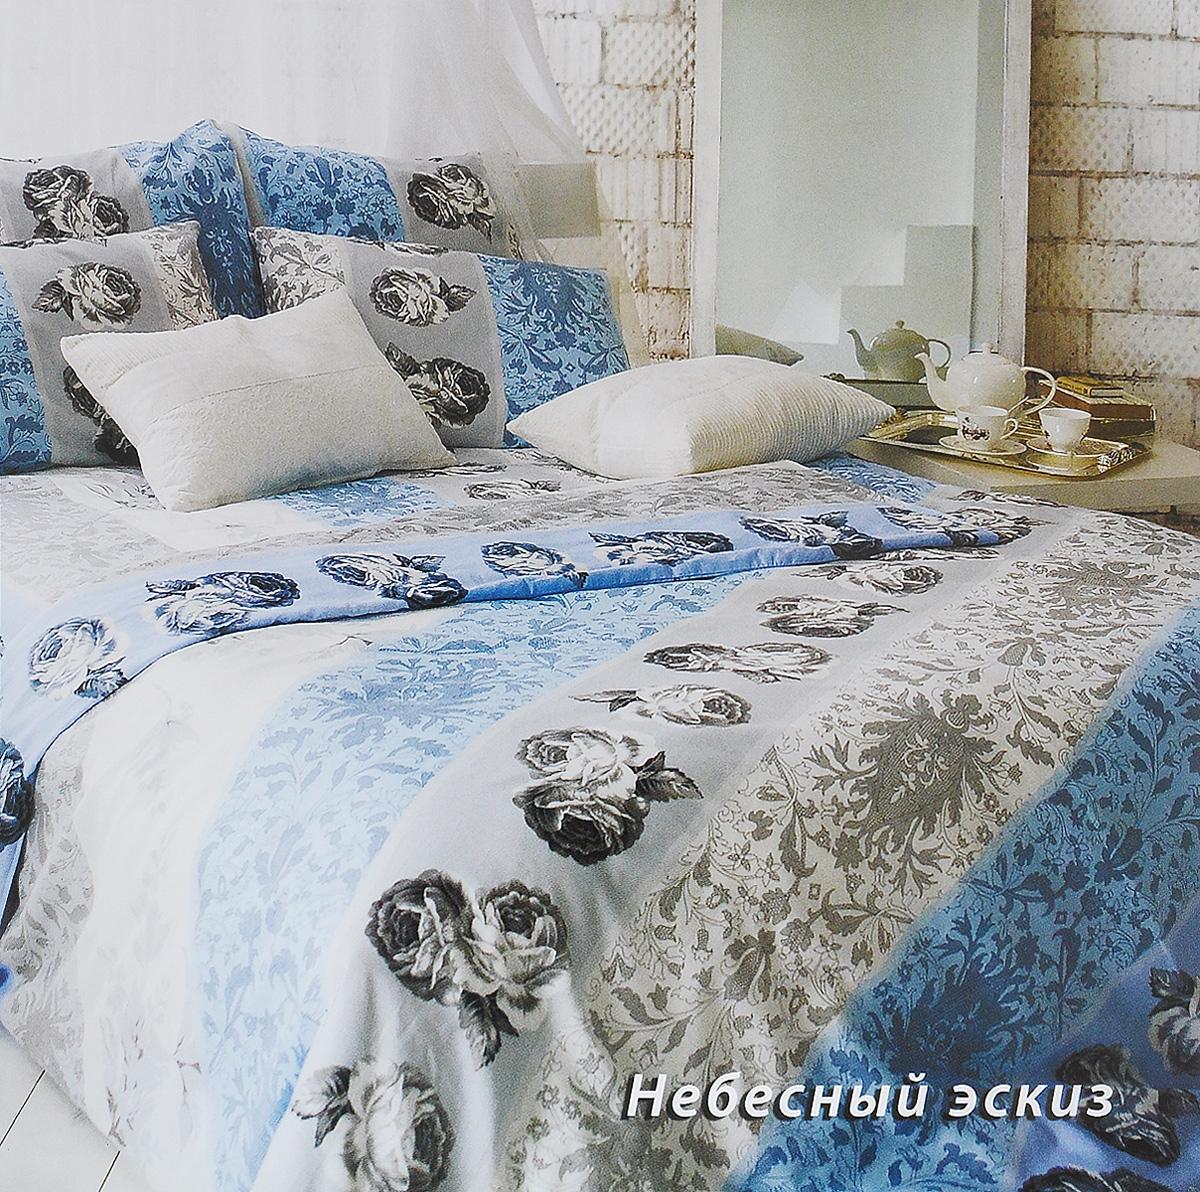 Комплект белья Tiffanys Secret Небесный эскиз, евро, наволочки 50х70, цвет: голубой, белый, серый2040815184Комплект постельного белья Tiffanys Secret Небесный эскиз является экологически безопасным для всей семьи, так как выполнен из сатина (100% хлопок). Комплект состоит из пододеяльника, простыни и двух наволочек. Предметы комплекта оформлены оригинальным рисунком.Благодаря такому комплекту постельного белья вы сможете создать атмосферу уюта и комфорта в вашей спальне.Сатин - это ткань, навсегда покорившая сердца человечества. Ценившие роскошь персы называли ее атлас, а искушенные в прекрасном французы - сатин. Секрет высококачественного сатина в безупречности всего технологического процесса. Эту благородную ткань делают только из отборной натуральной пряжи, которую получают из самого лучшего тонковолокнистого хлопка. Благодаря использованию самой тонкой хлопковой нити получается необычайно мягкое и нежное полотно. Сатиновое постельное белье превращает жаркие летние ночи в прохладные и освежающие, а холодные зимние - в теплые и согревающие. Сатин очень приятен на ощупь, постельное белье из него долговечно, выдерживает более 300 стирок, и лишь спустя долгое время материал начинает немного тускнеть. Оцените все достоинства постельного белья из сатина, выбирая самое лучшее для себя!